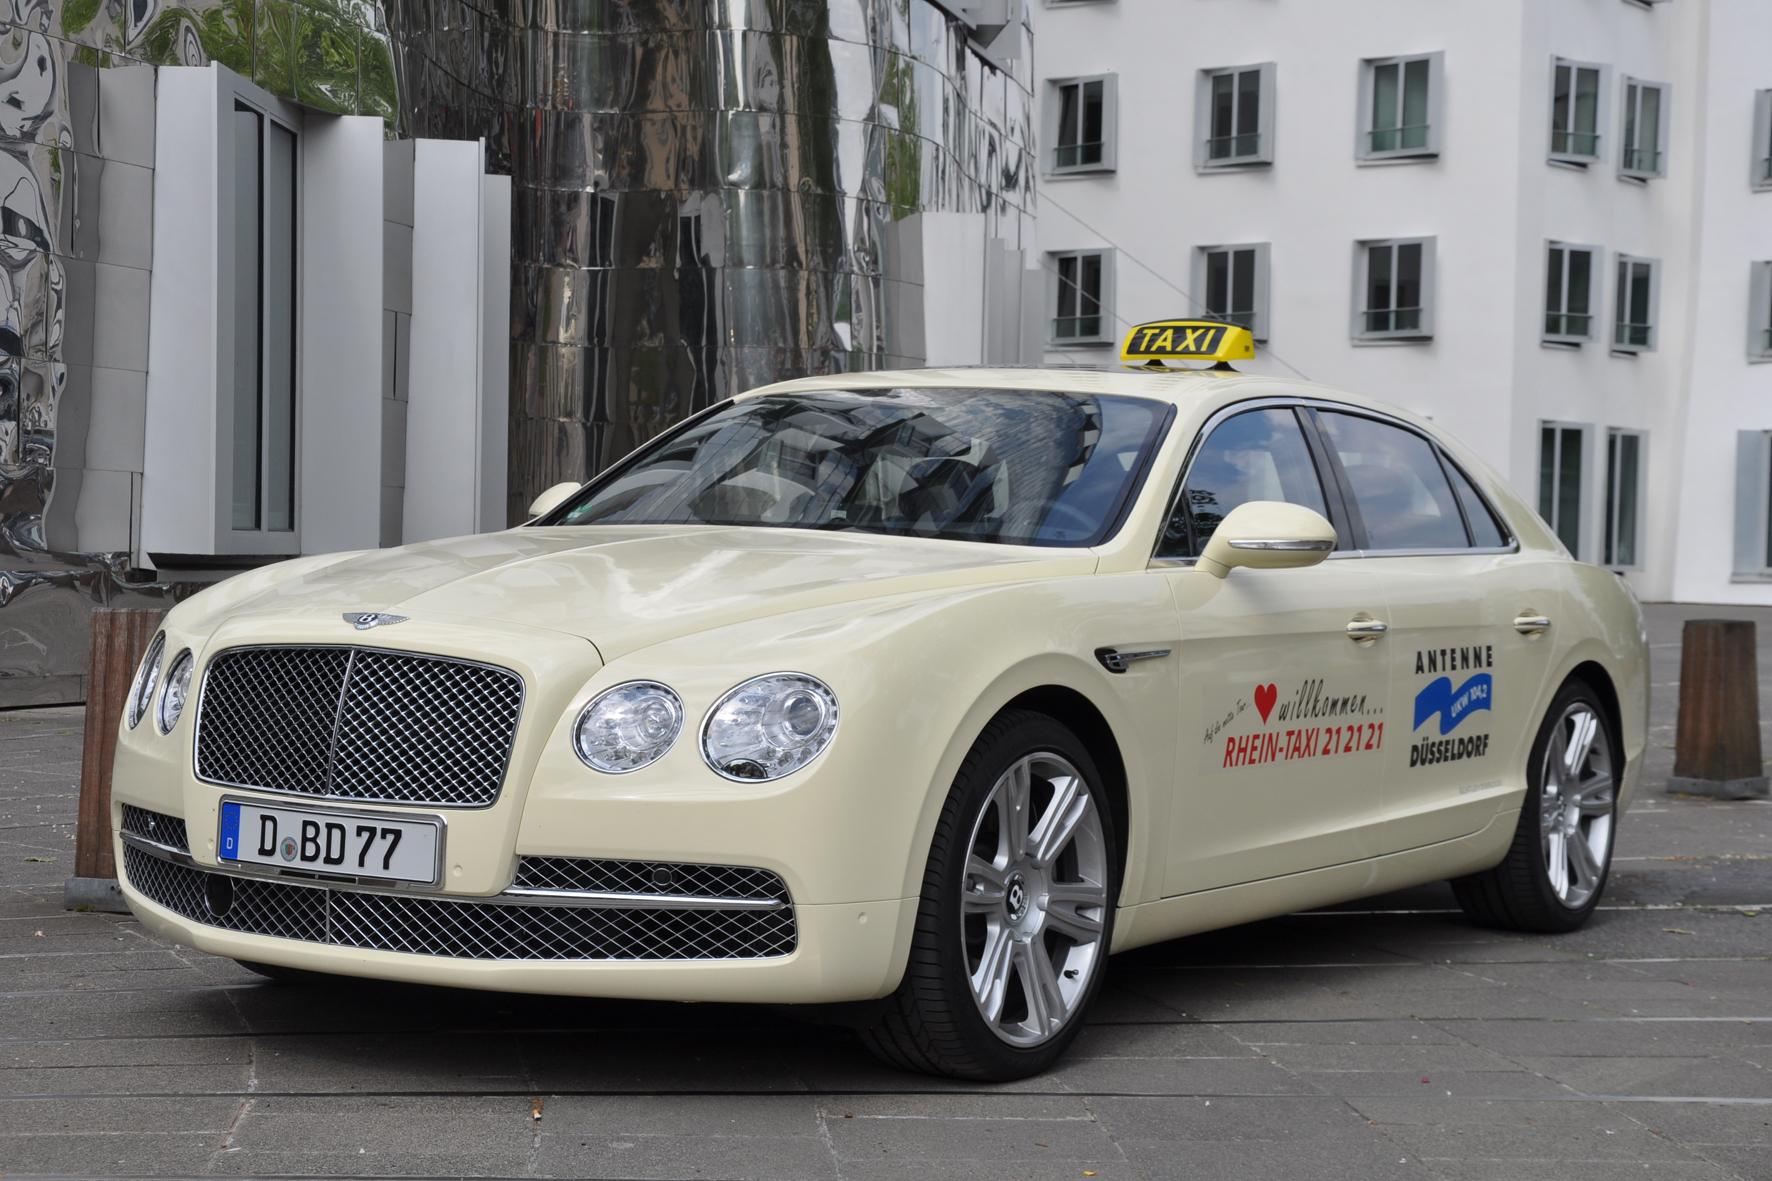 mid Düsseldorf - Fahrgäste haben stets das Recht, am Taxistand ein Fahrzeug ihrer Wahl auszusuchen und den Kompakt-Van auf Platz 1 in der Schlange zu ignorieren. So luxuriöse Gefährte wie dieser Bentley finden sich dort aber äußerst selten.